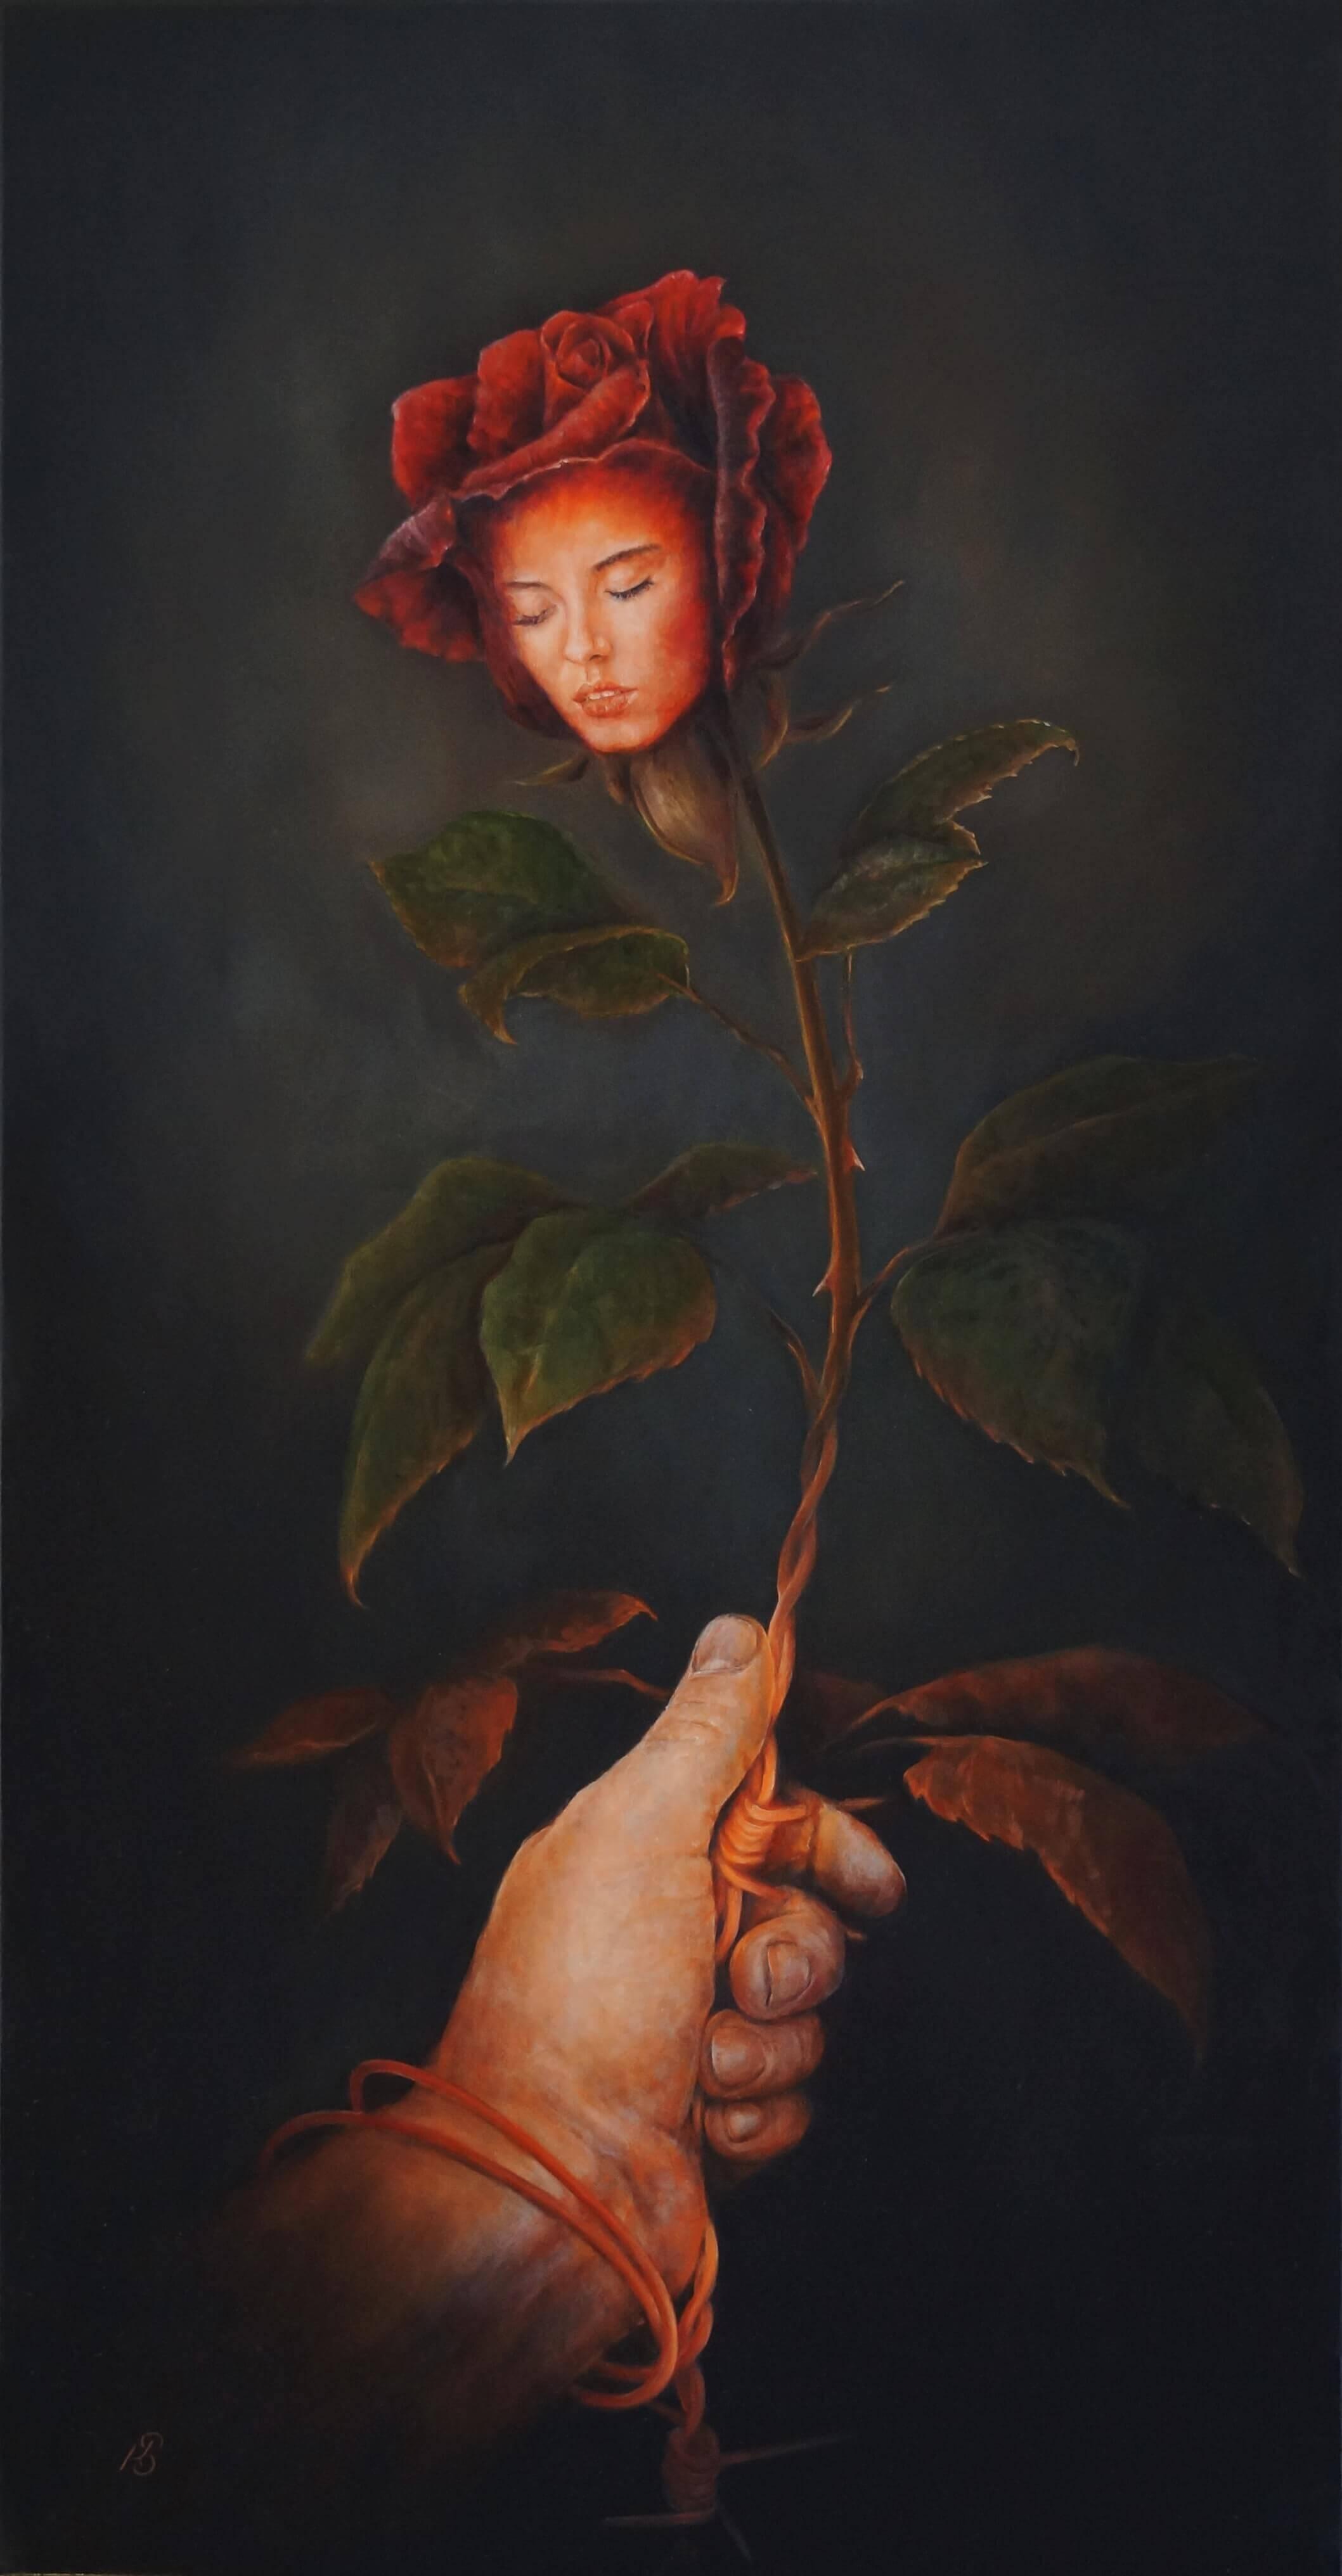 Зависимость - картина, автор Сергей Колесников (KS), холст (лён, мелкое зерно), масло, 2017 год. Живопись, авторский стиль - интегральный реализм.